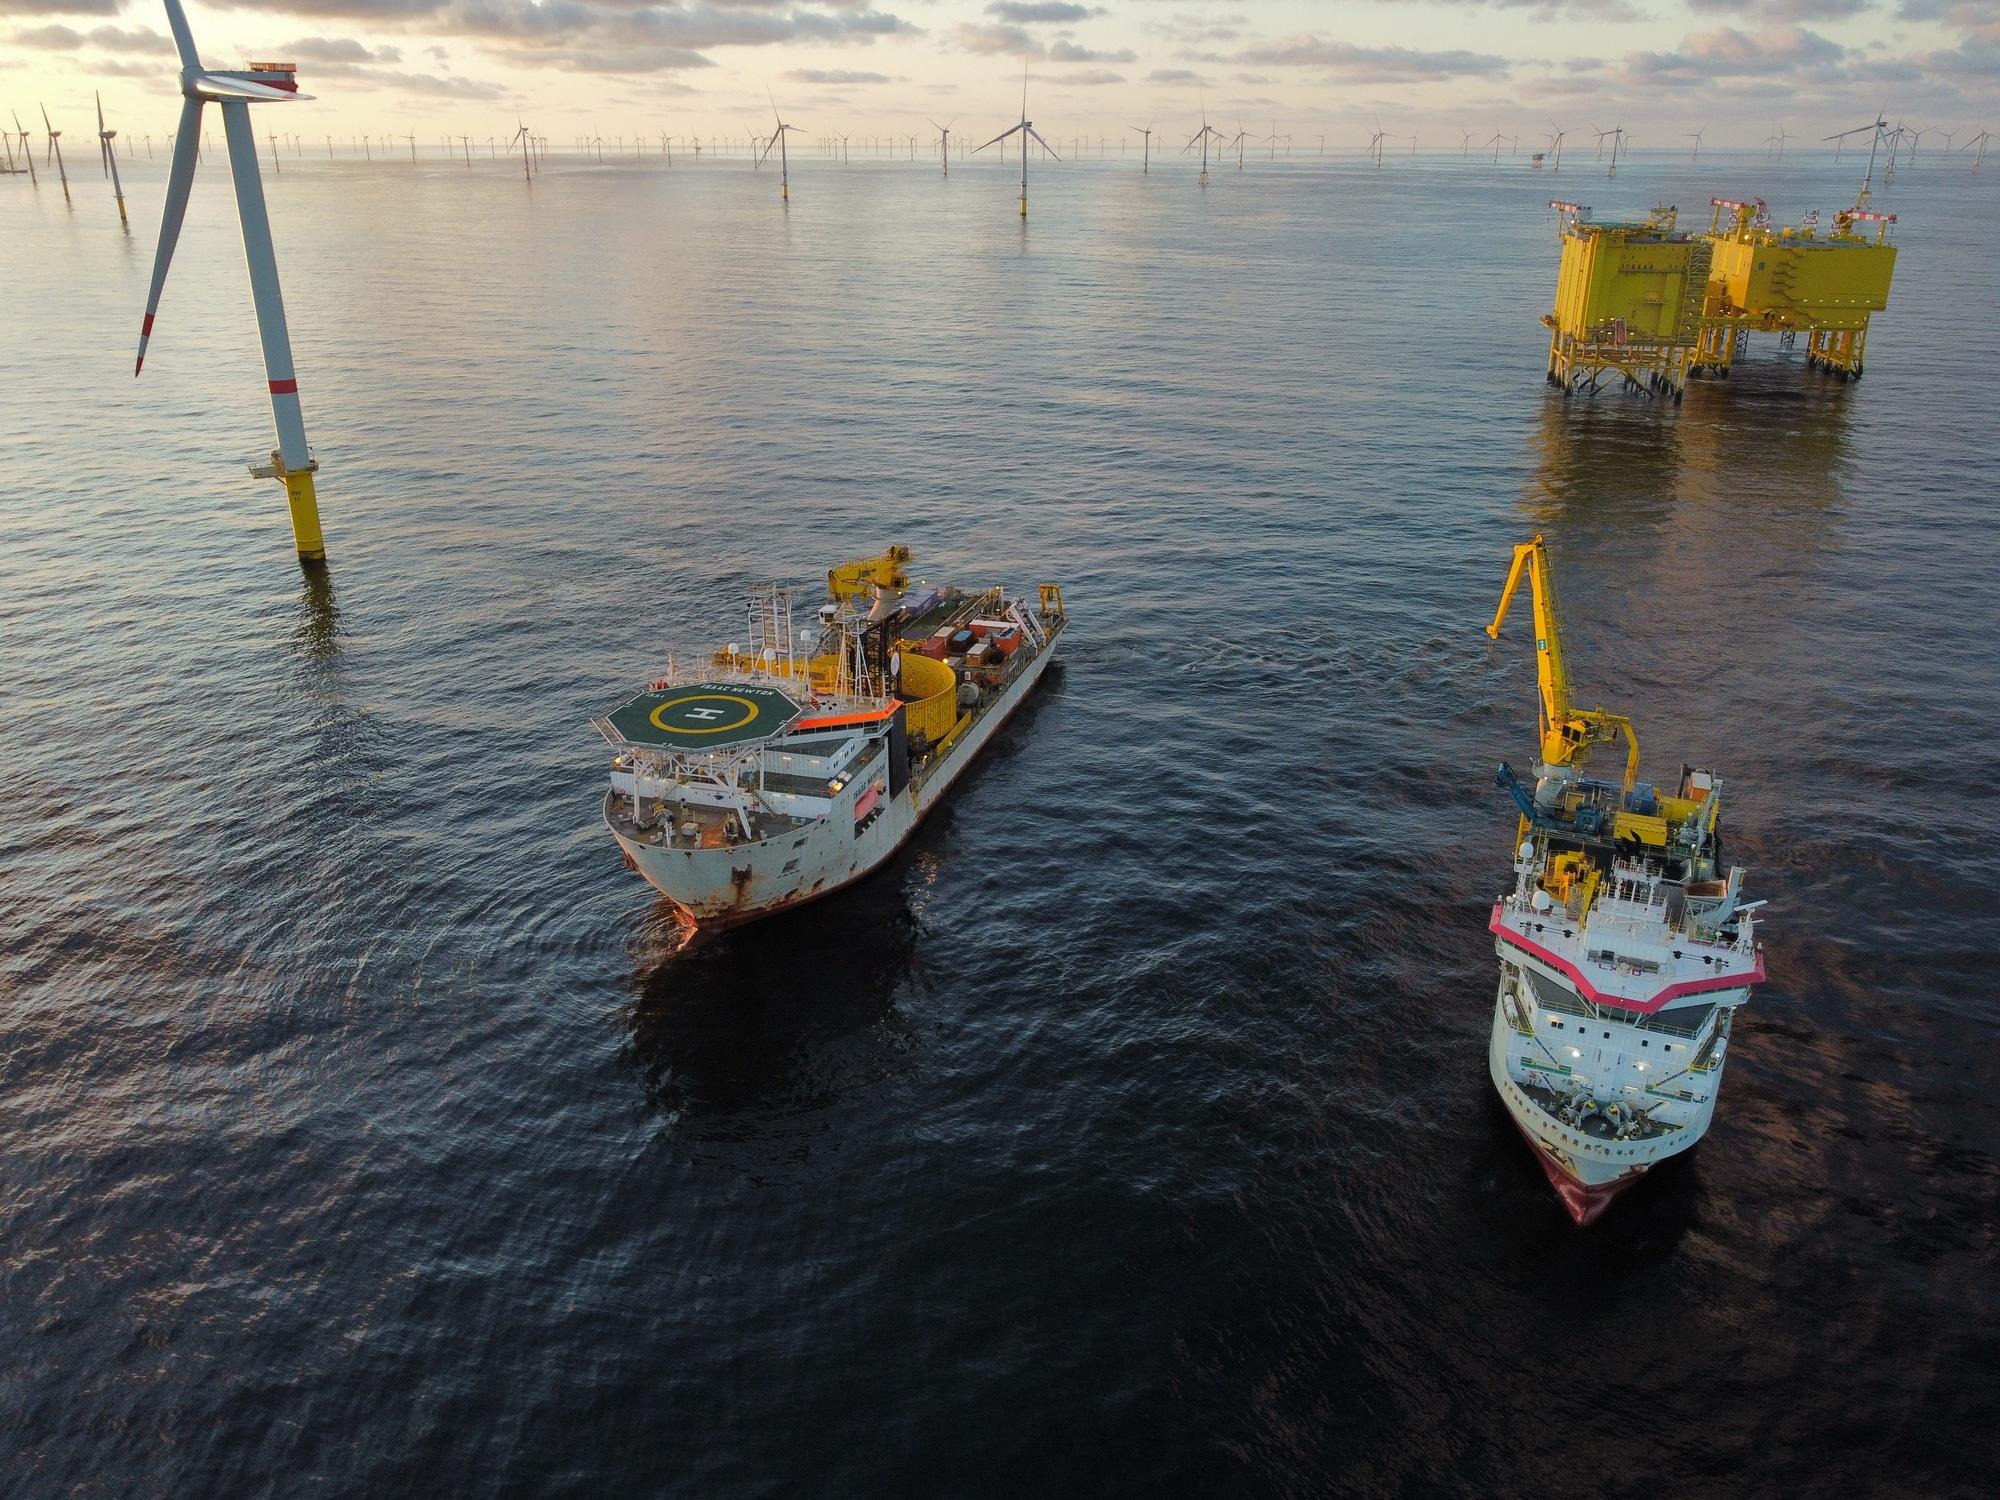 De stagnatie in de baggeractiviteiten werd gecompenseerd door de aanleg van windparken. (Foto Jan De Nul)